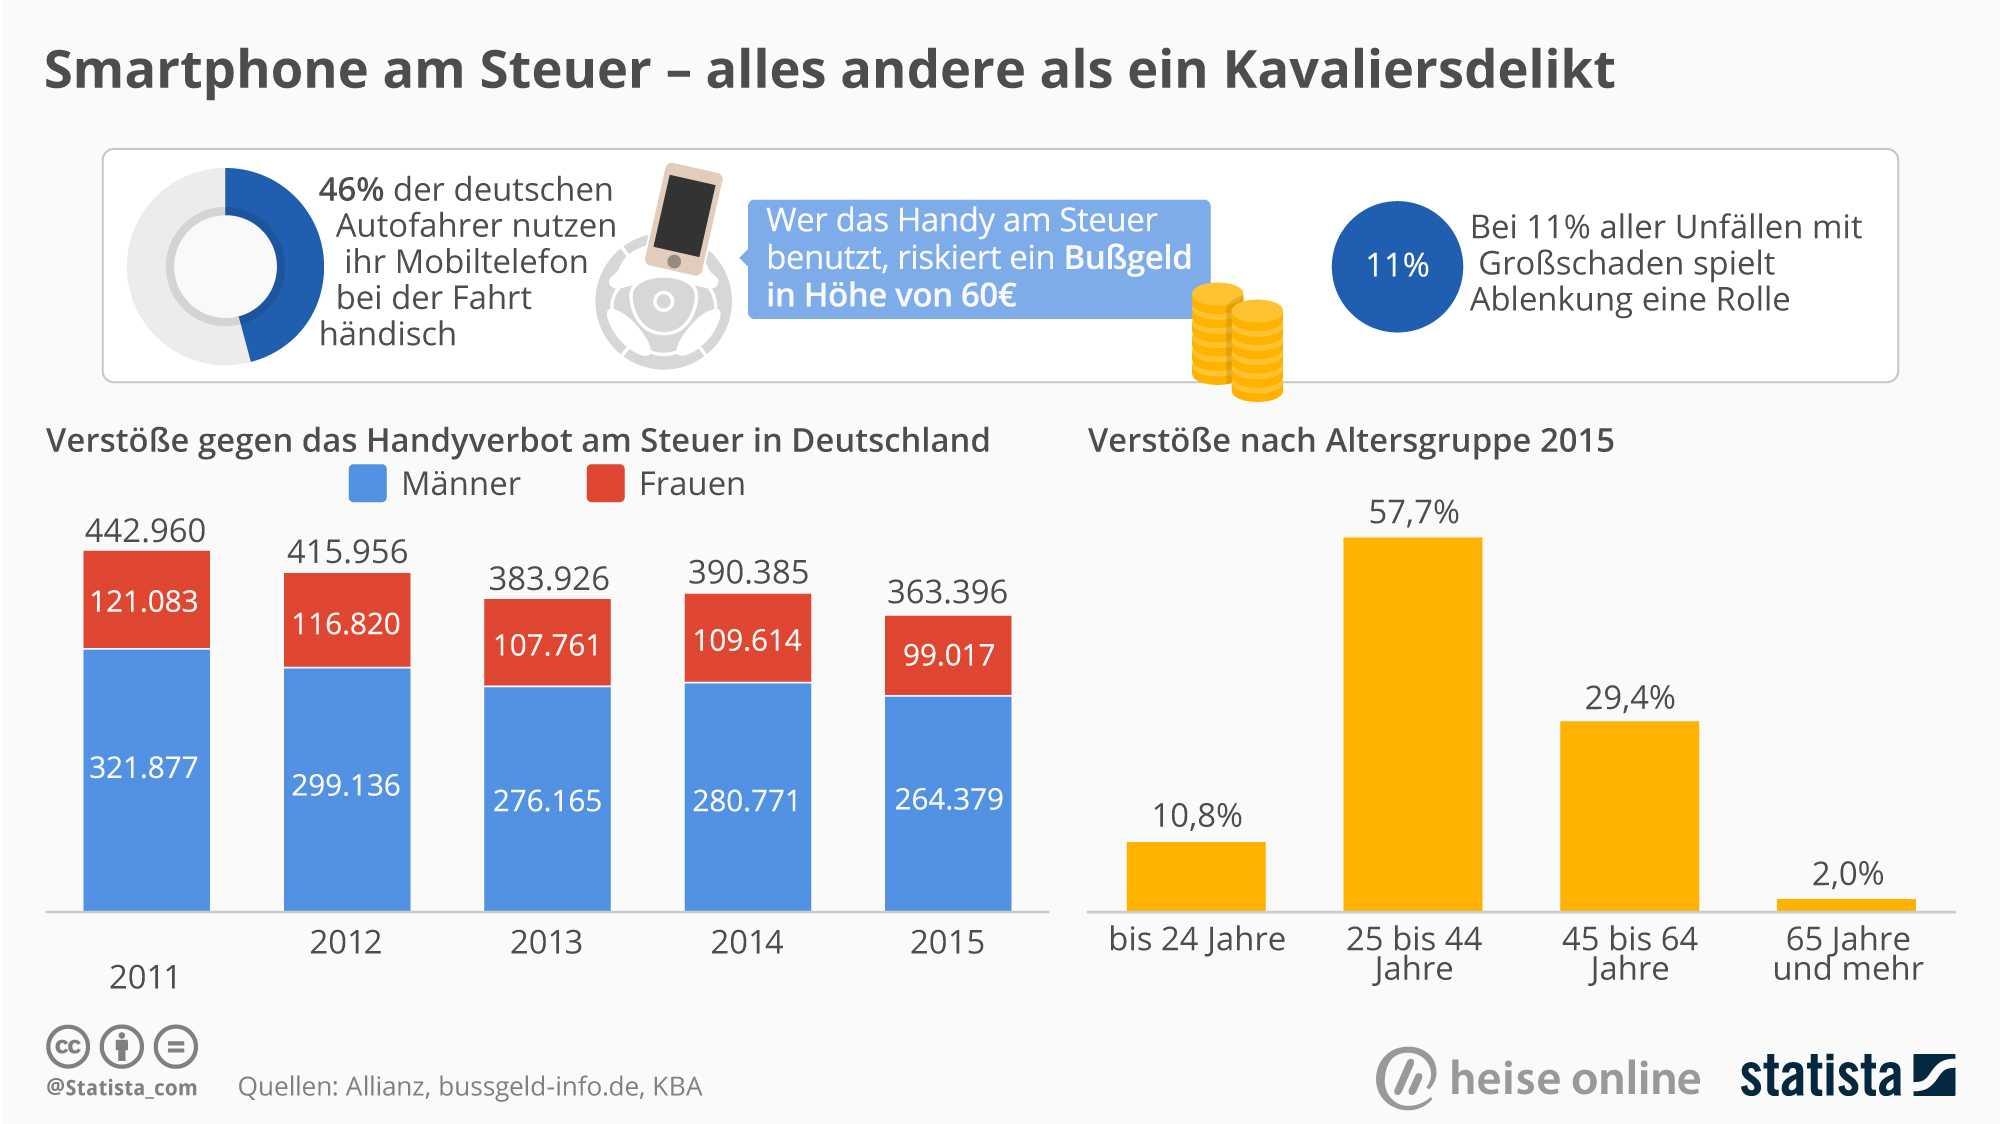 heise online / Statista